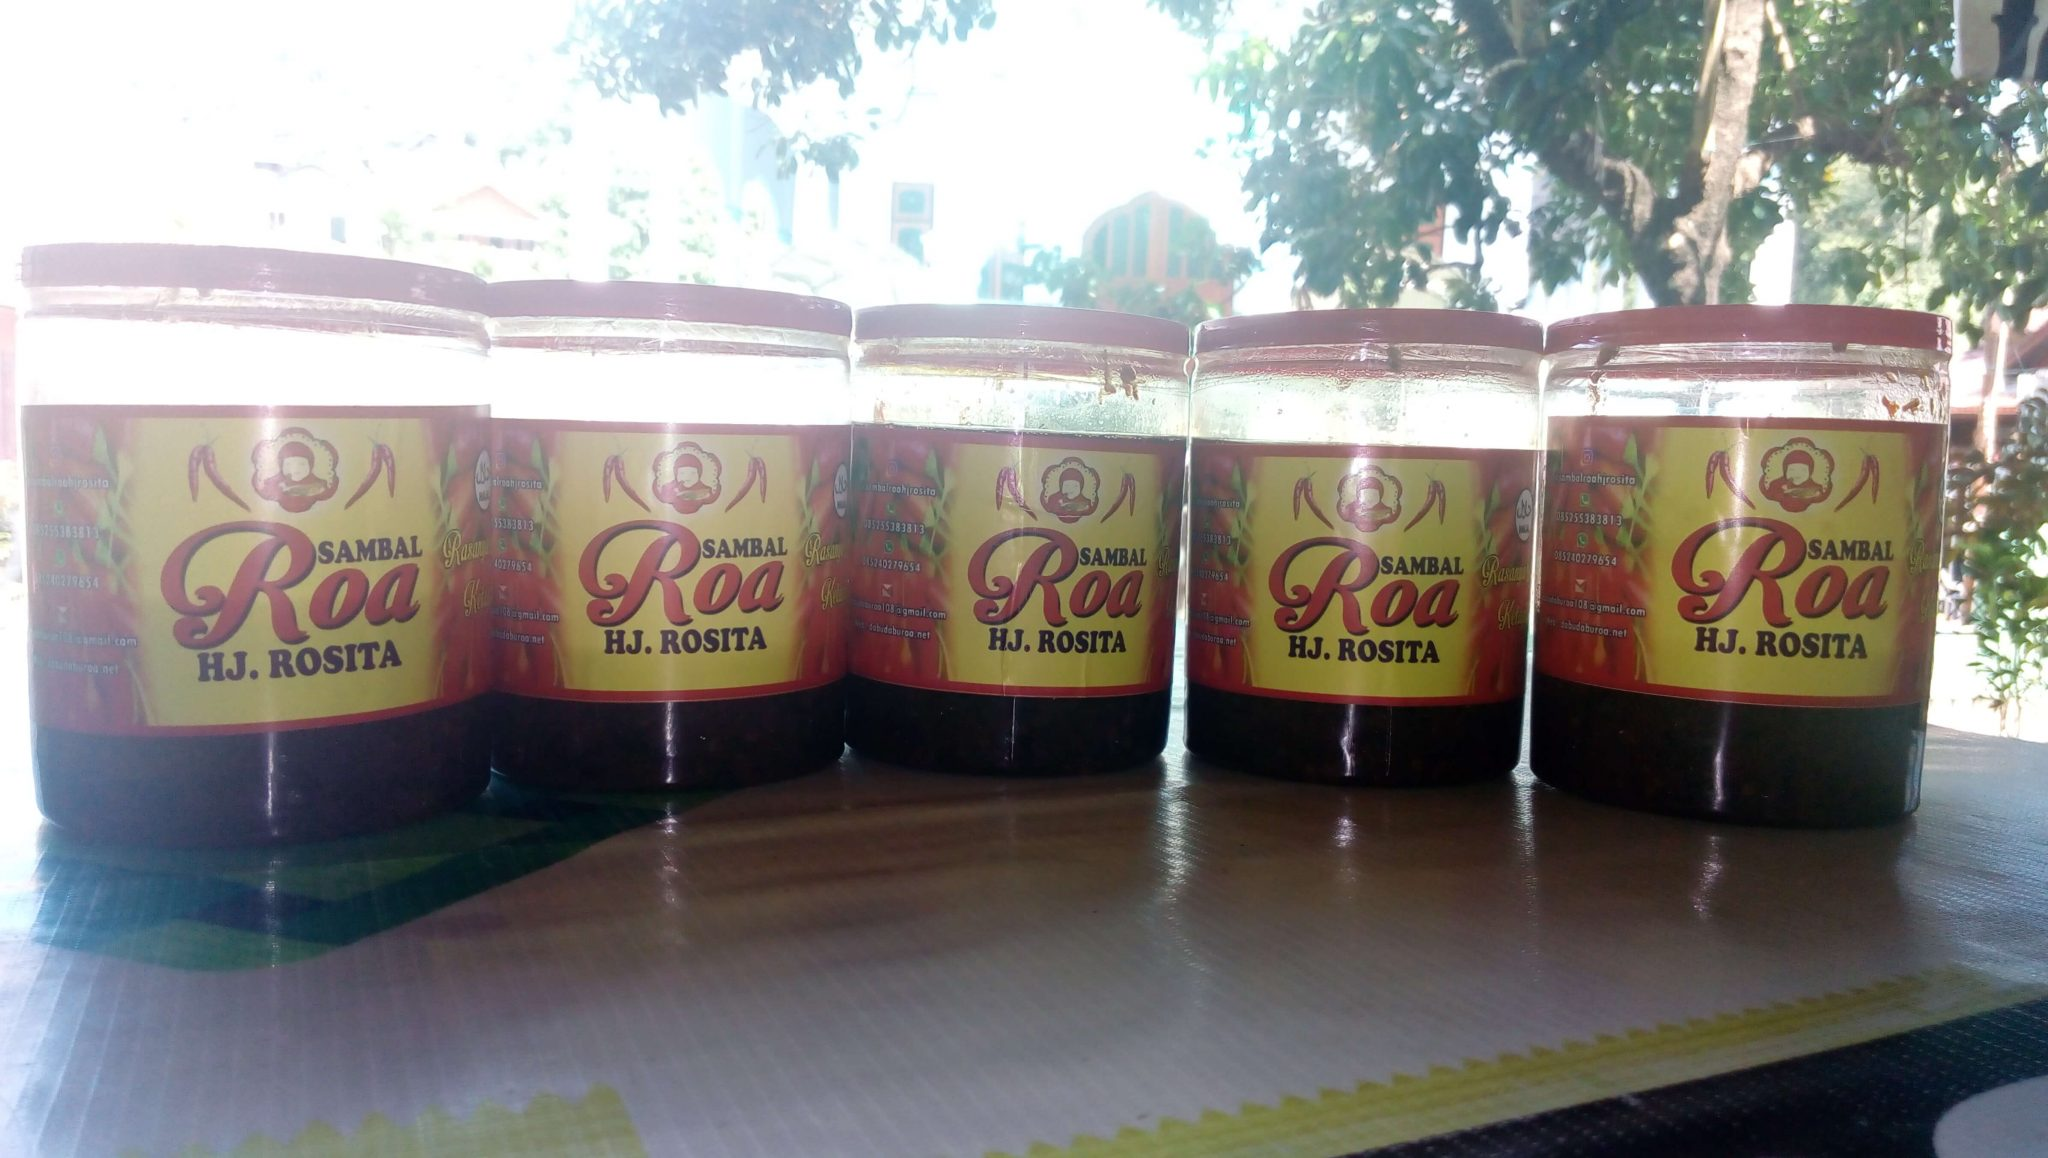 Jual Sambal Roa di Mataram 085299330523